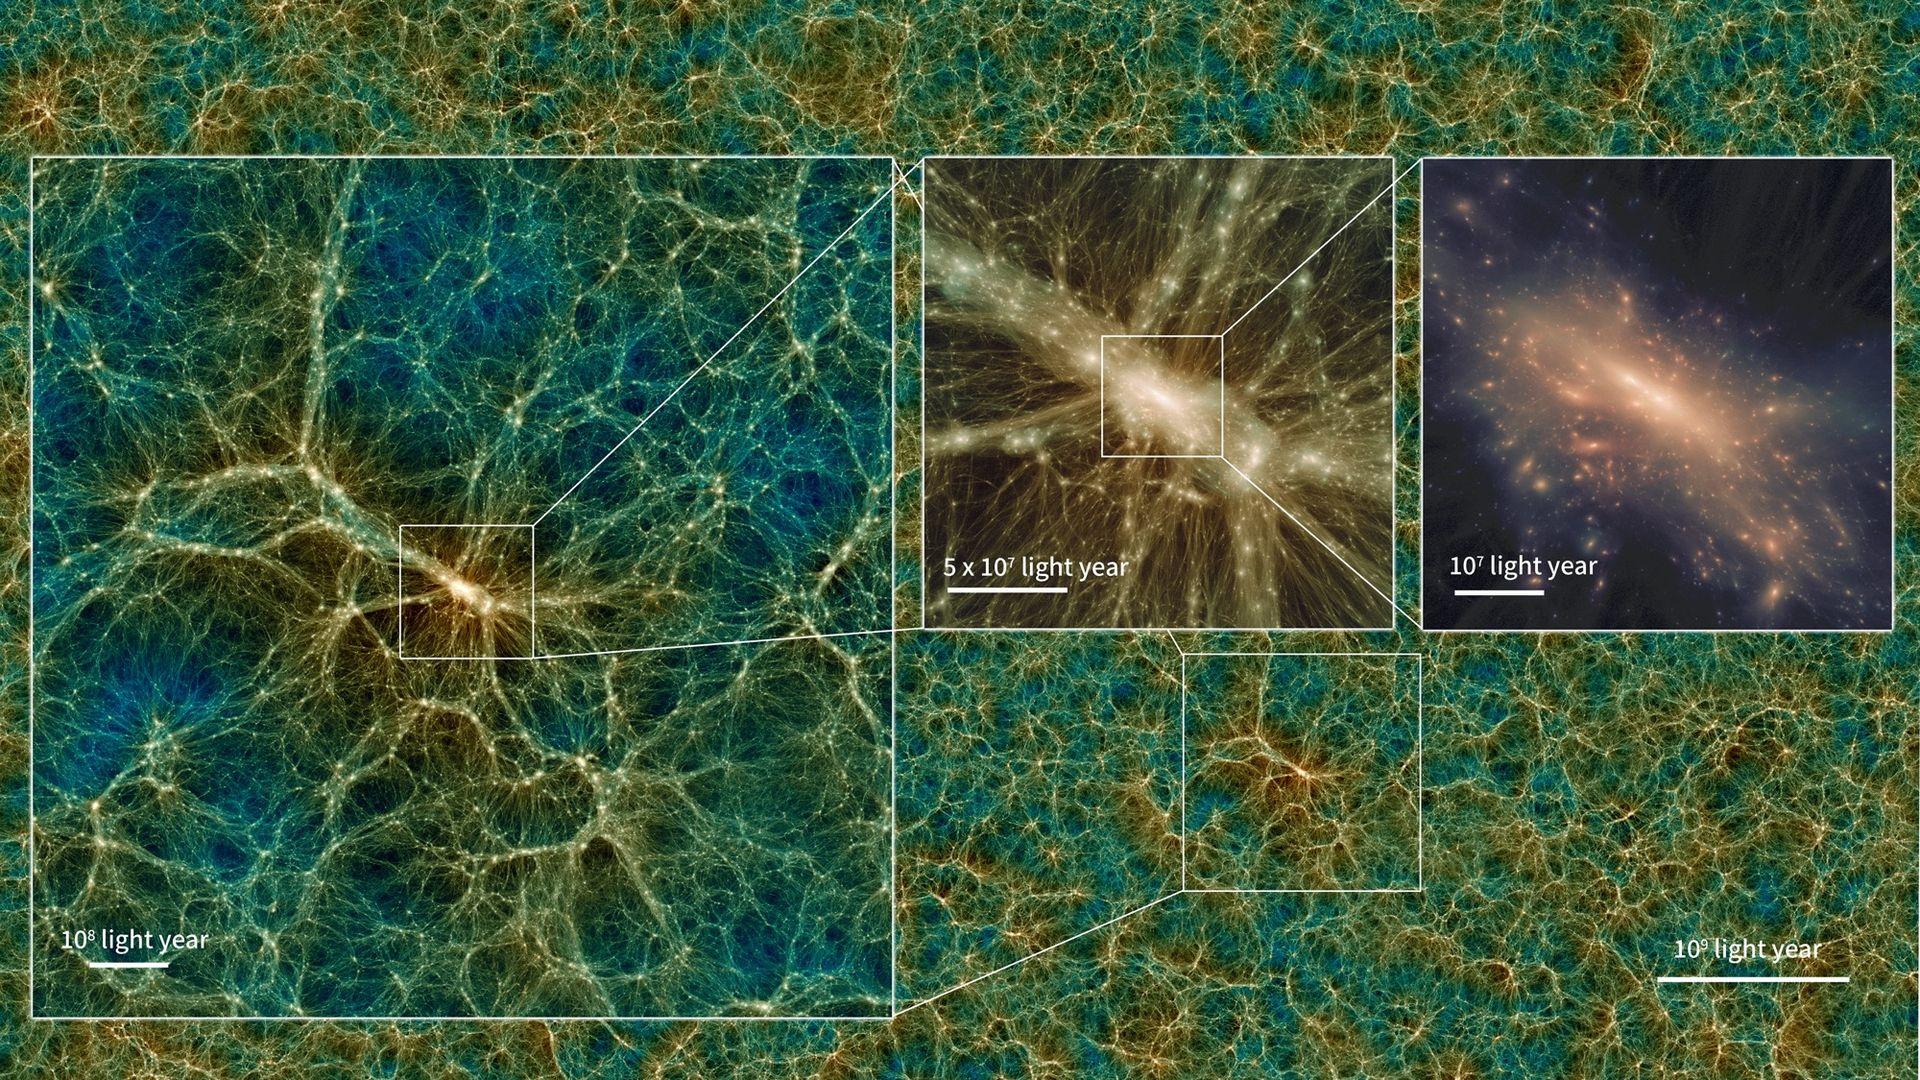 Uchuu är världens största digitala modell av universum